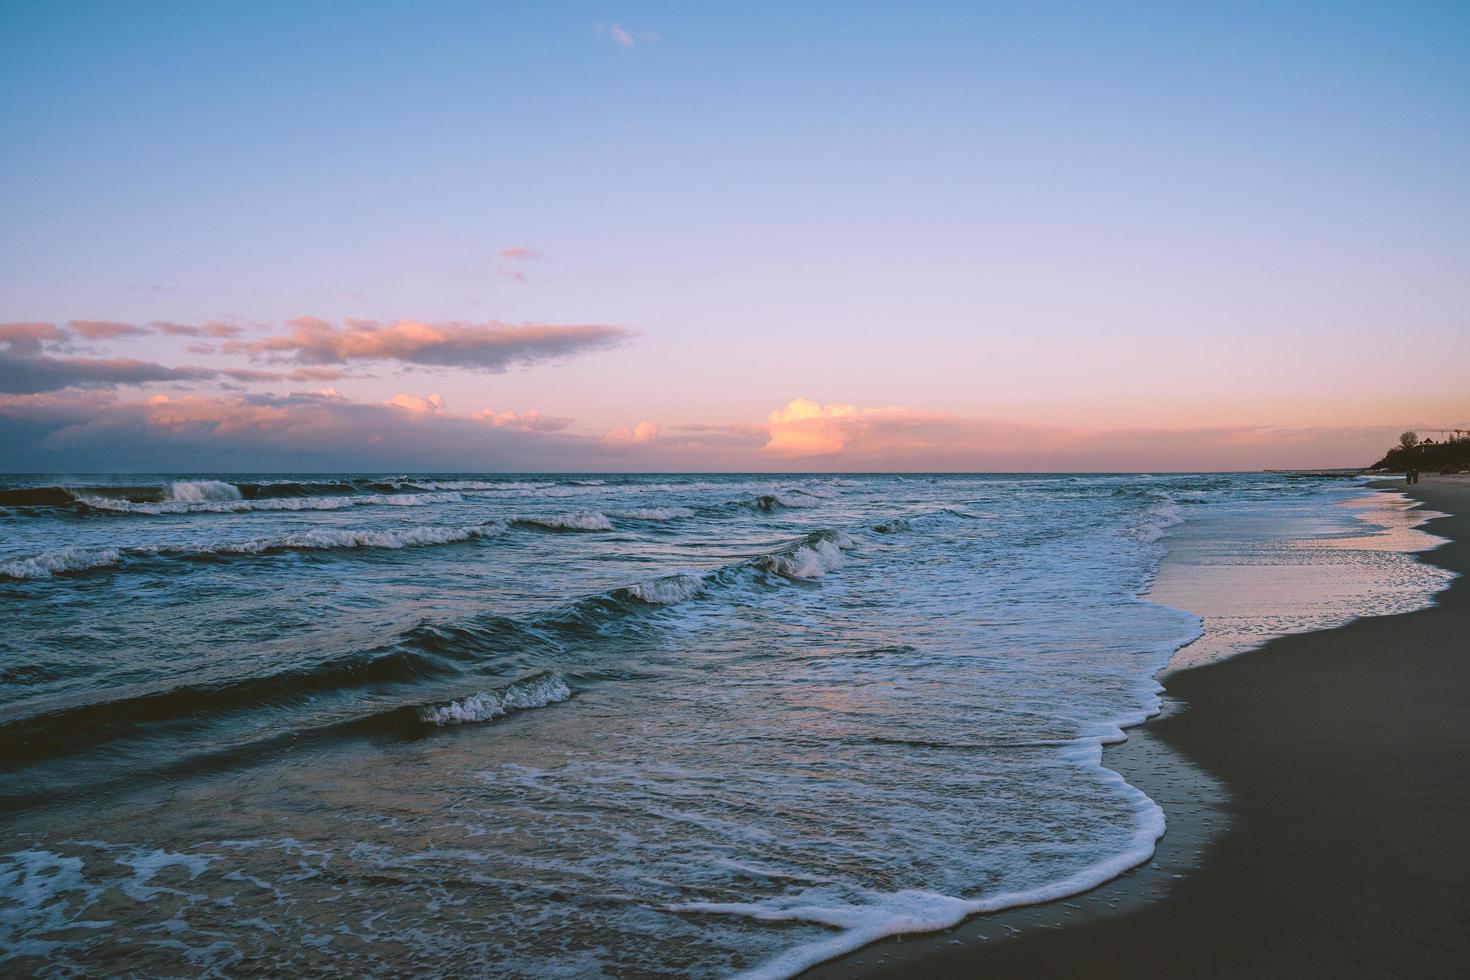 coucher de soleil sur la mer baltique photo